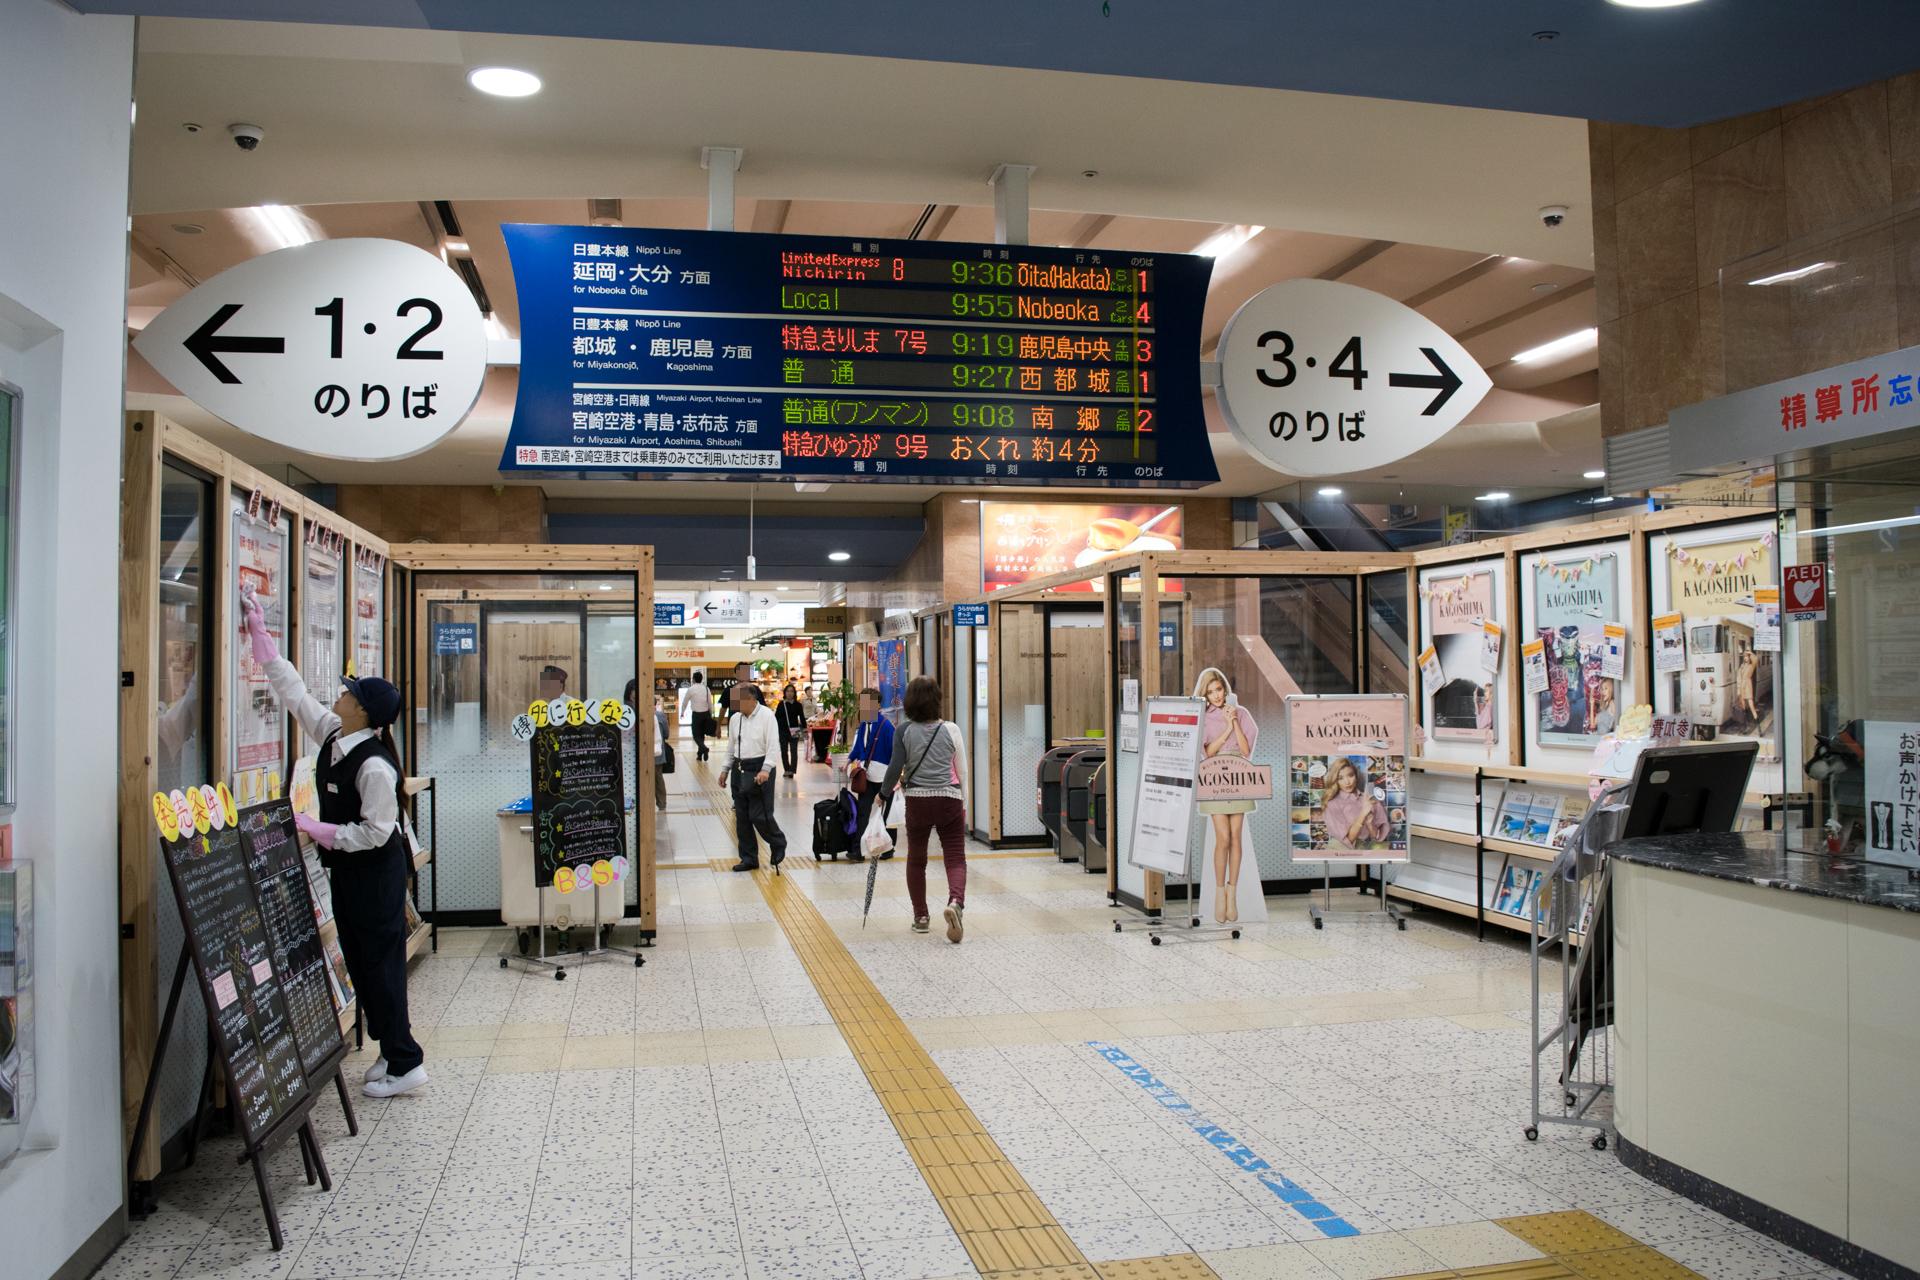 f:id:mitatowa:20161026195713j:plain